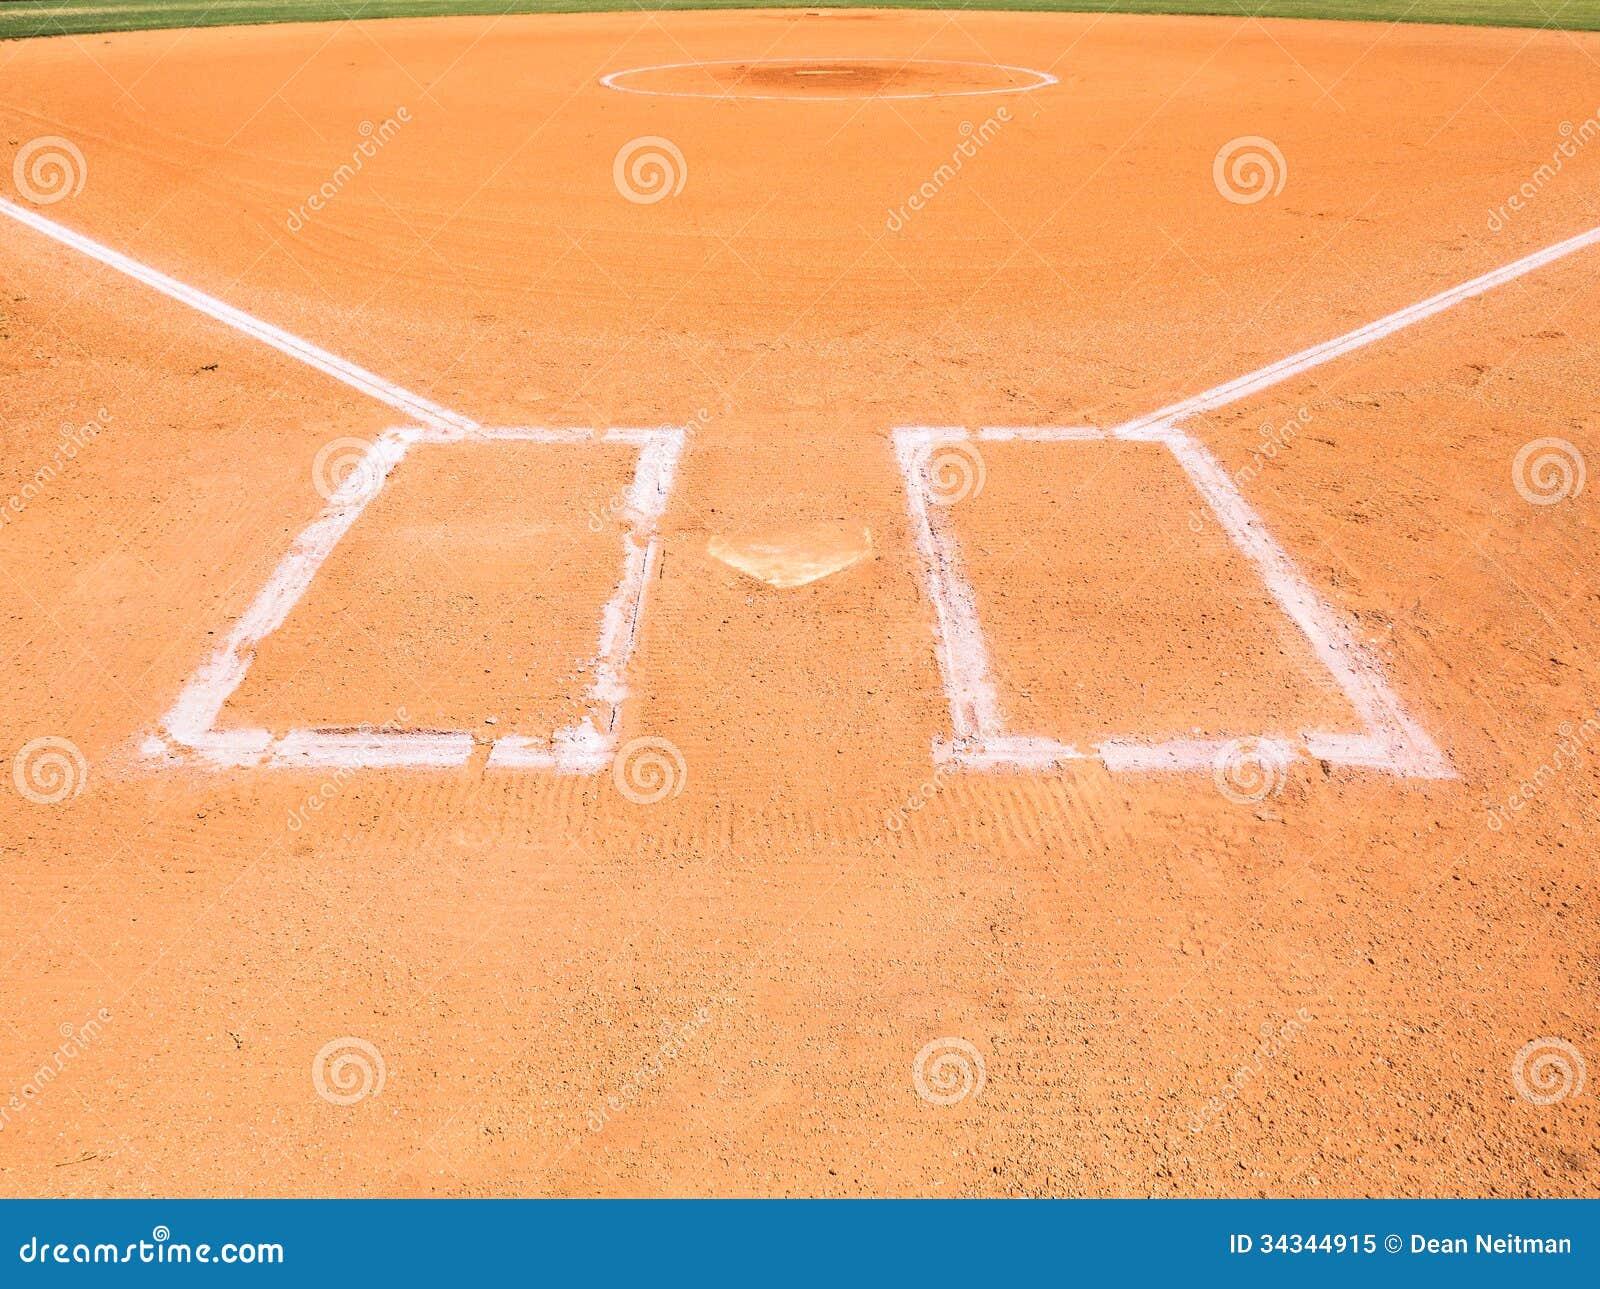 Baseball-Innenfeld